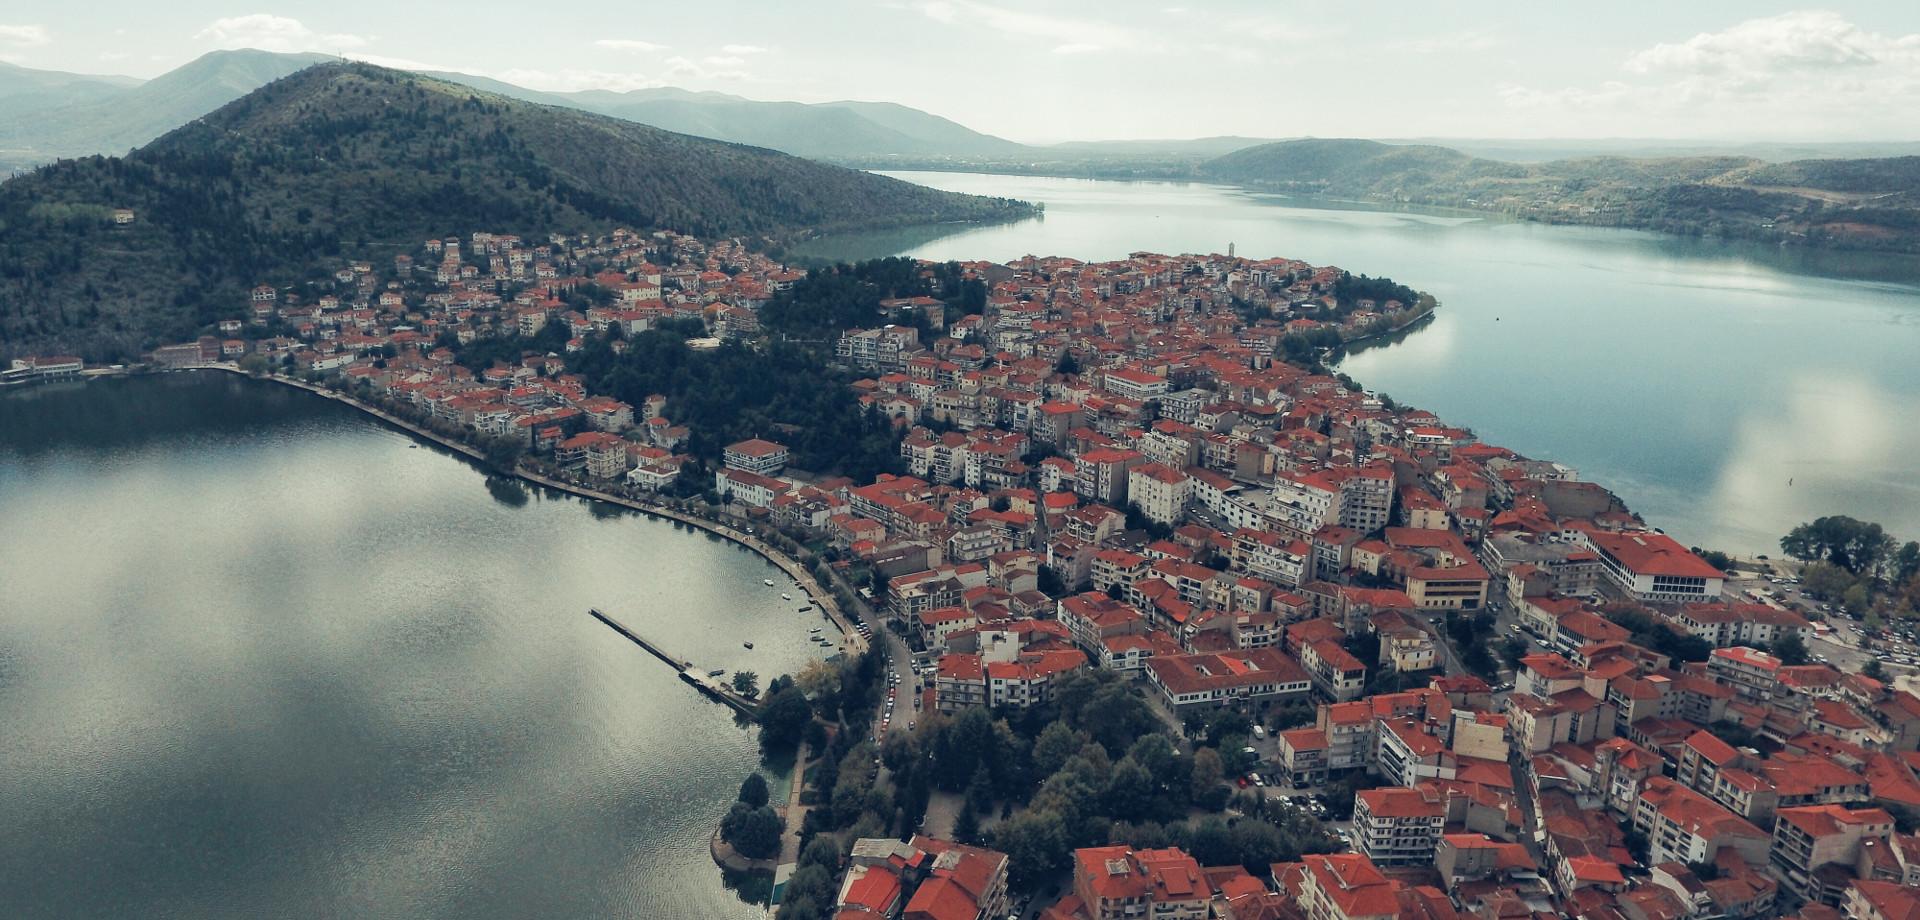 Καραντίνα 14 ημερών στο δήμο Μεσοποταμίας Καστοριάς- Περιορισμοί σε 5 δήμους